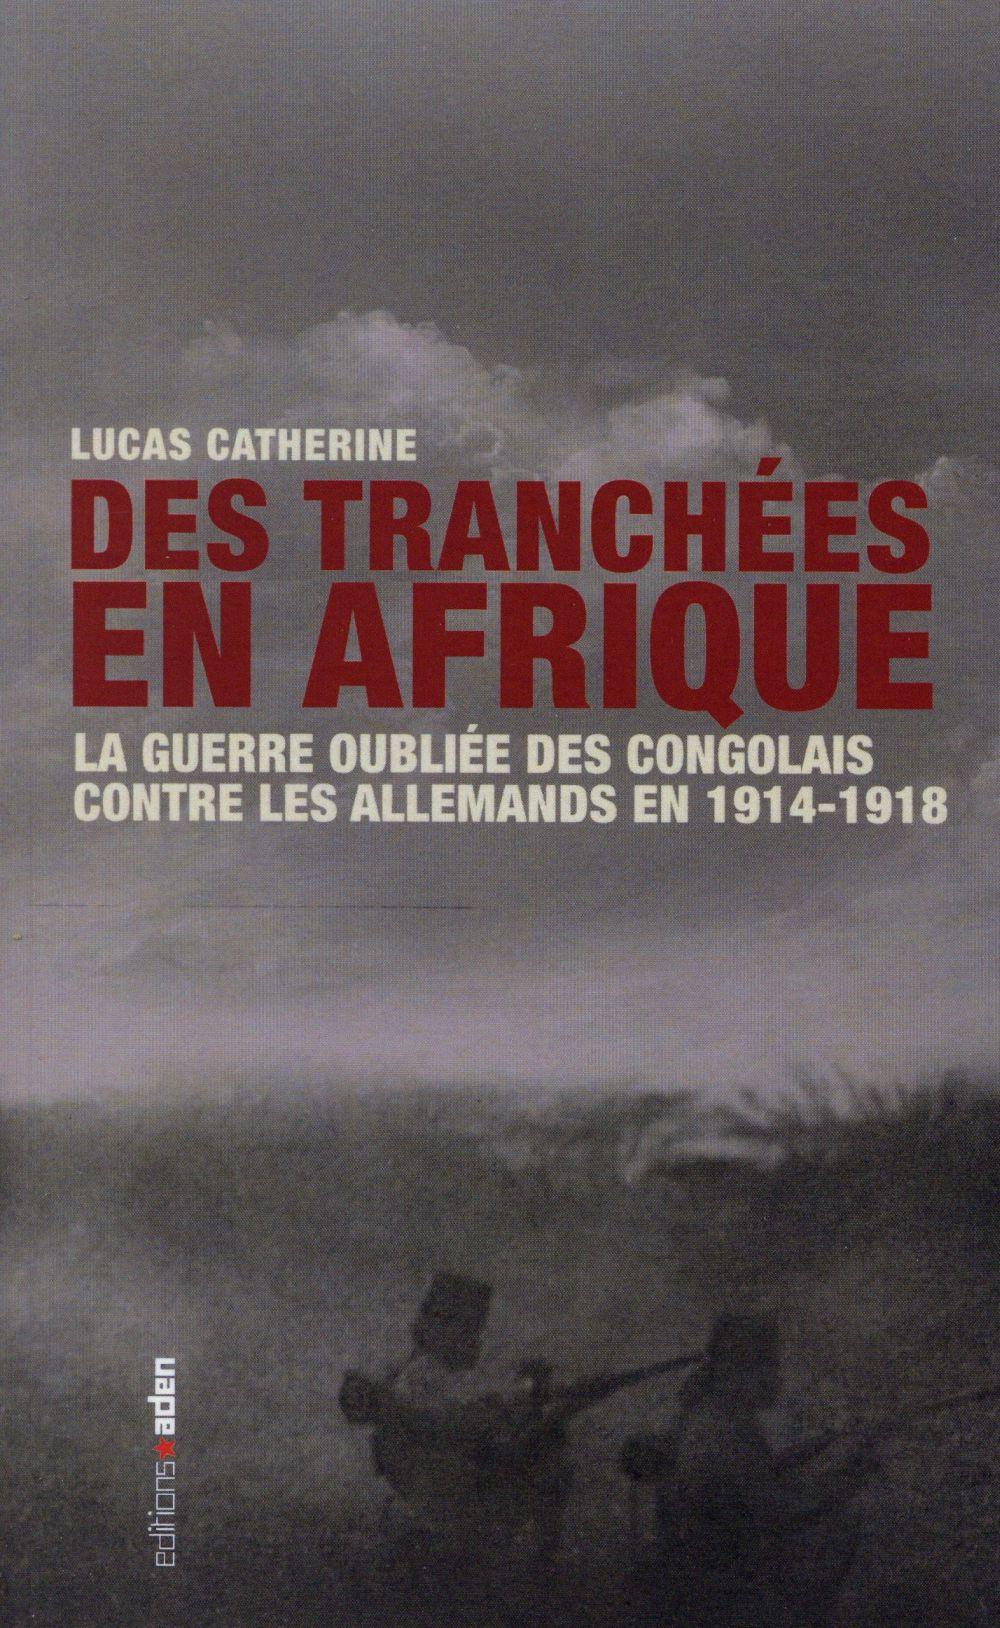 Des Tranchees En Afrique Comment Les Congolais Ont Combattu Les Allemands En 1914 1918 Lucas Catherine Aden Belgique Grand Format Librairies Autrement